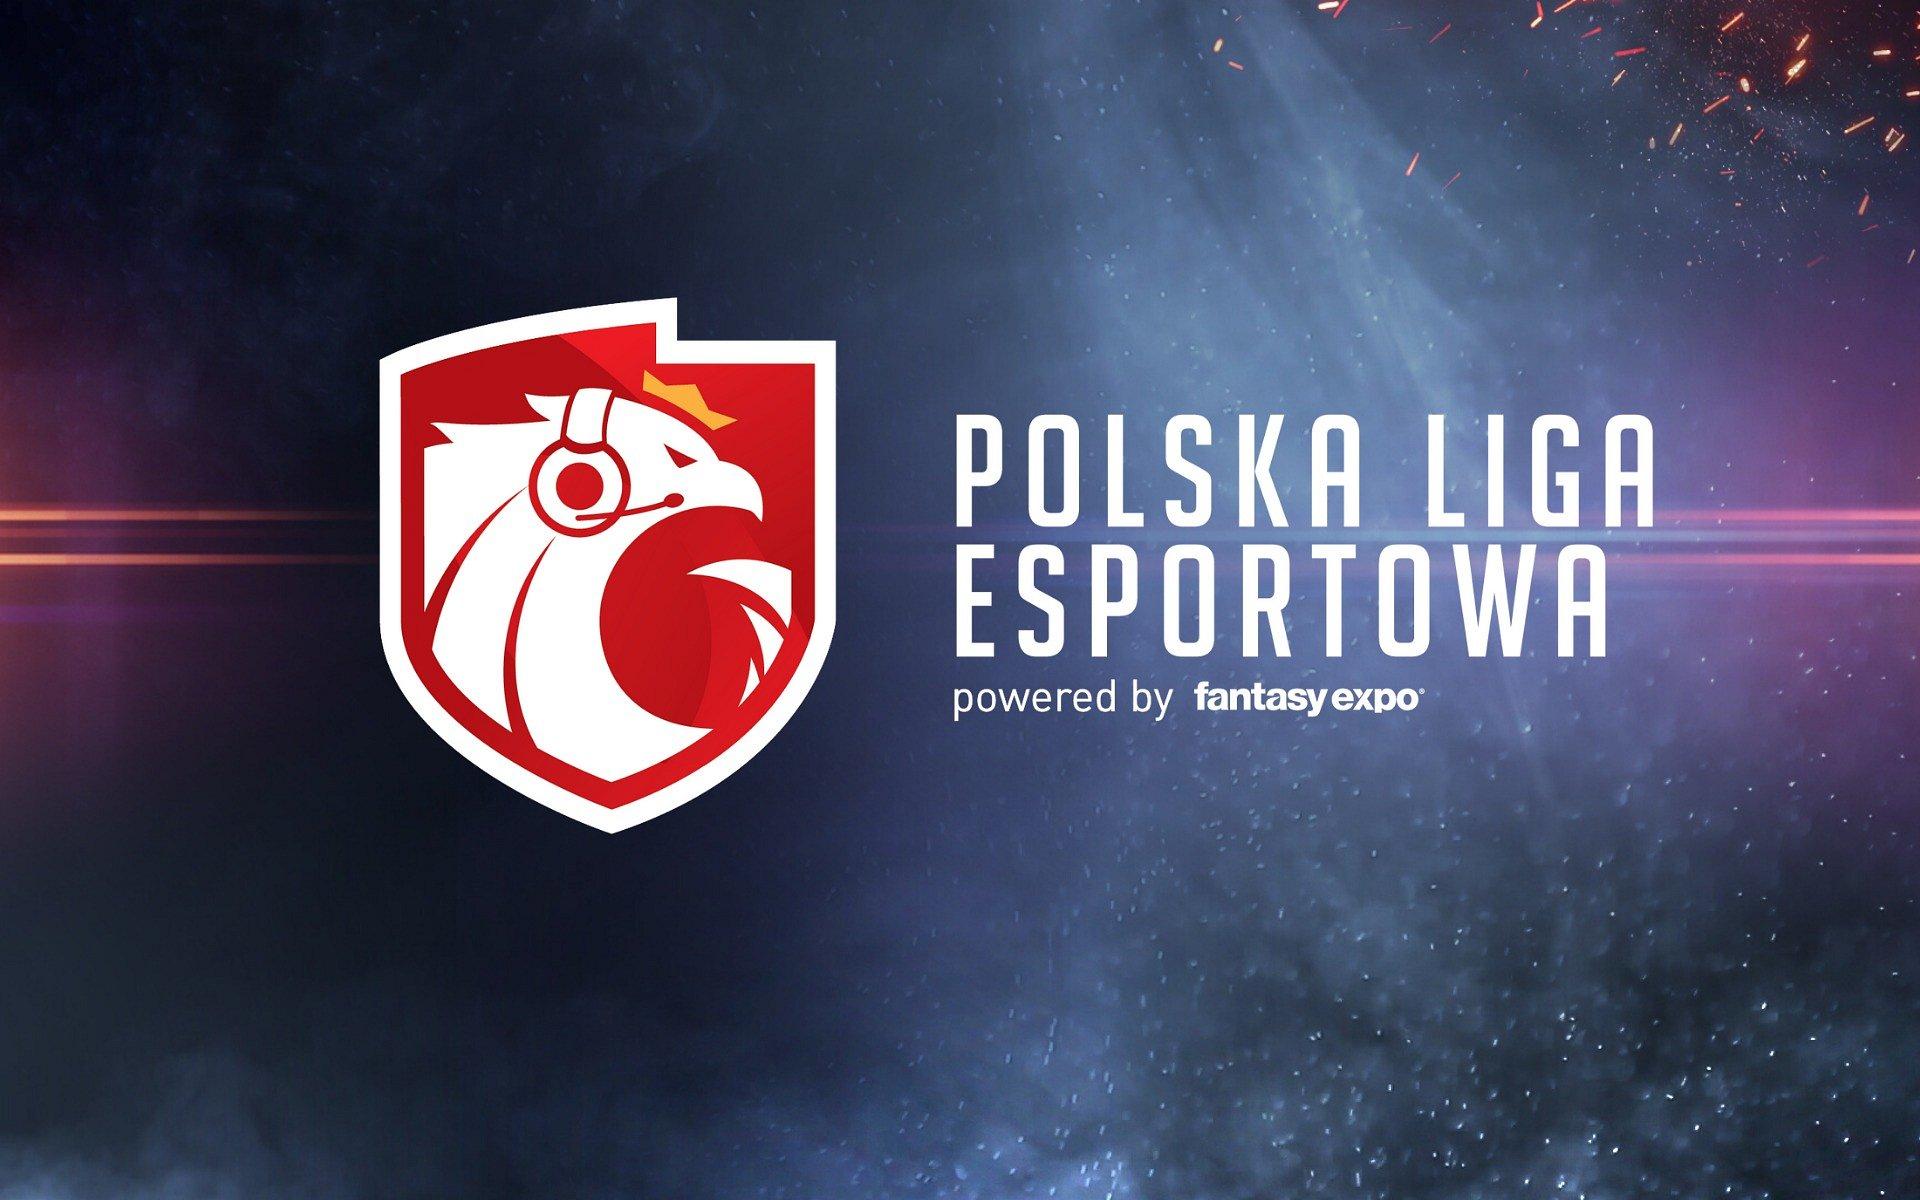 Sześć powodów, dla których warto zostać partnerem Polskiej Ligi Esportowej